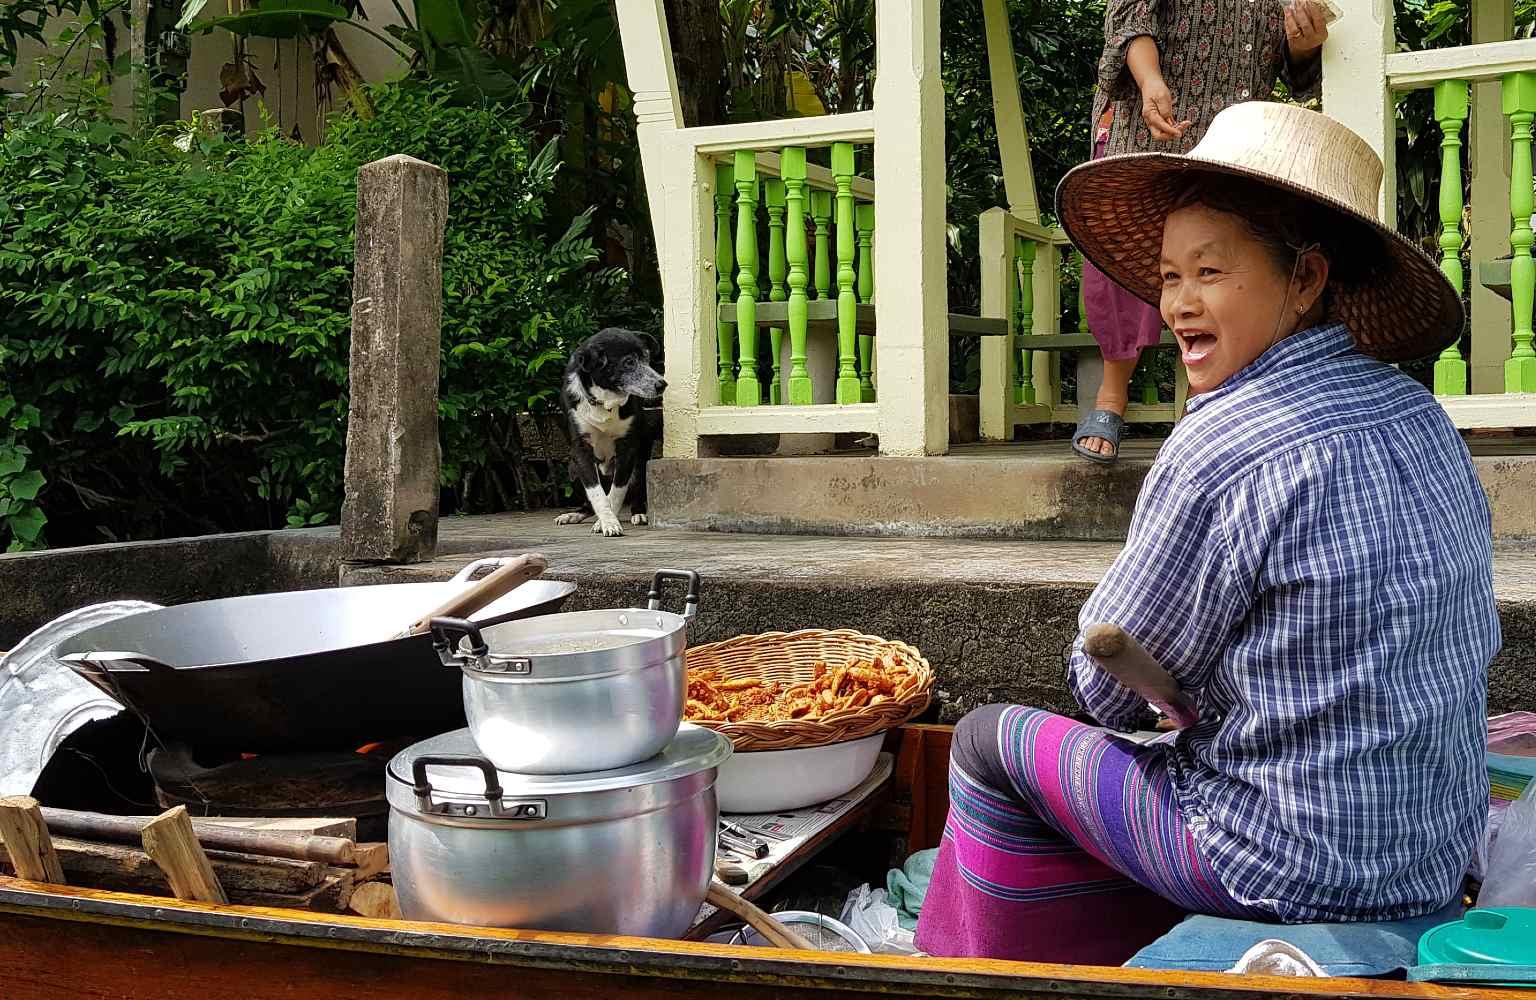 Thaise vrouw verkoopt gebakken banaan vanaf een longtailboot